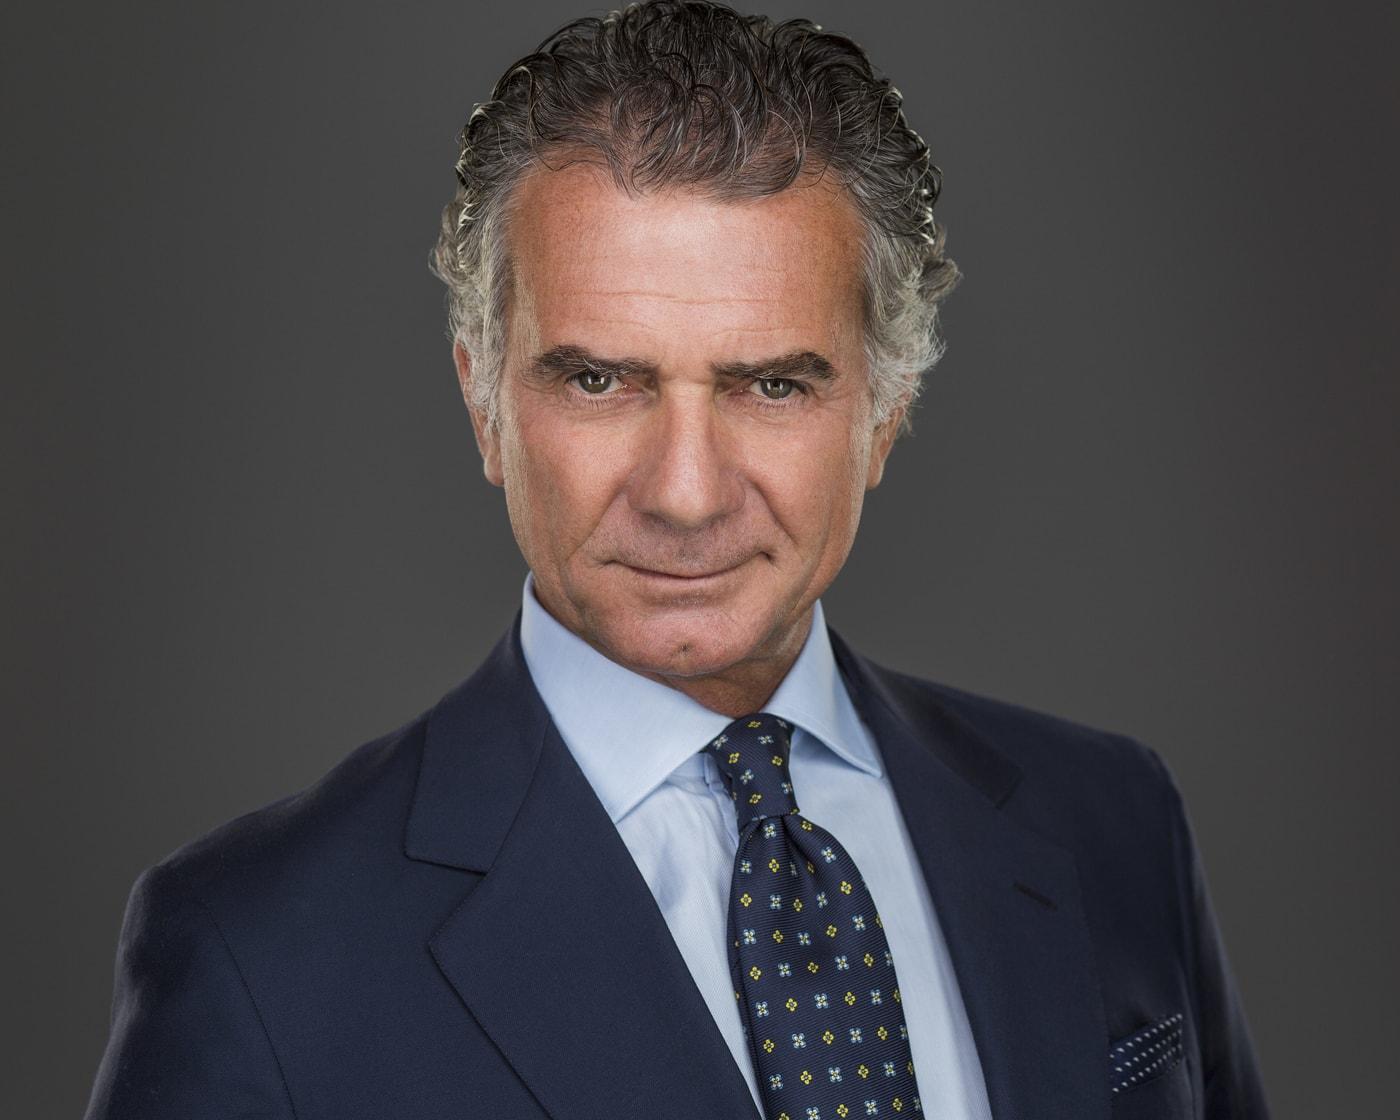 A parlare Fabio Massimo Bonini, attore e produttore del tradizionale aceto balsamico Bonini